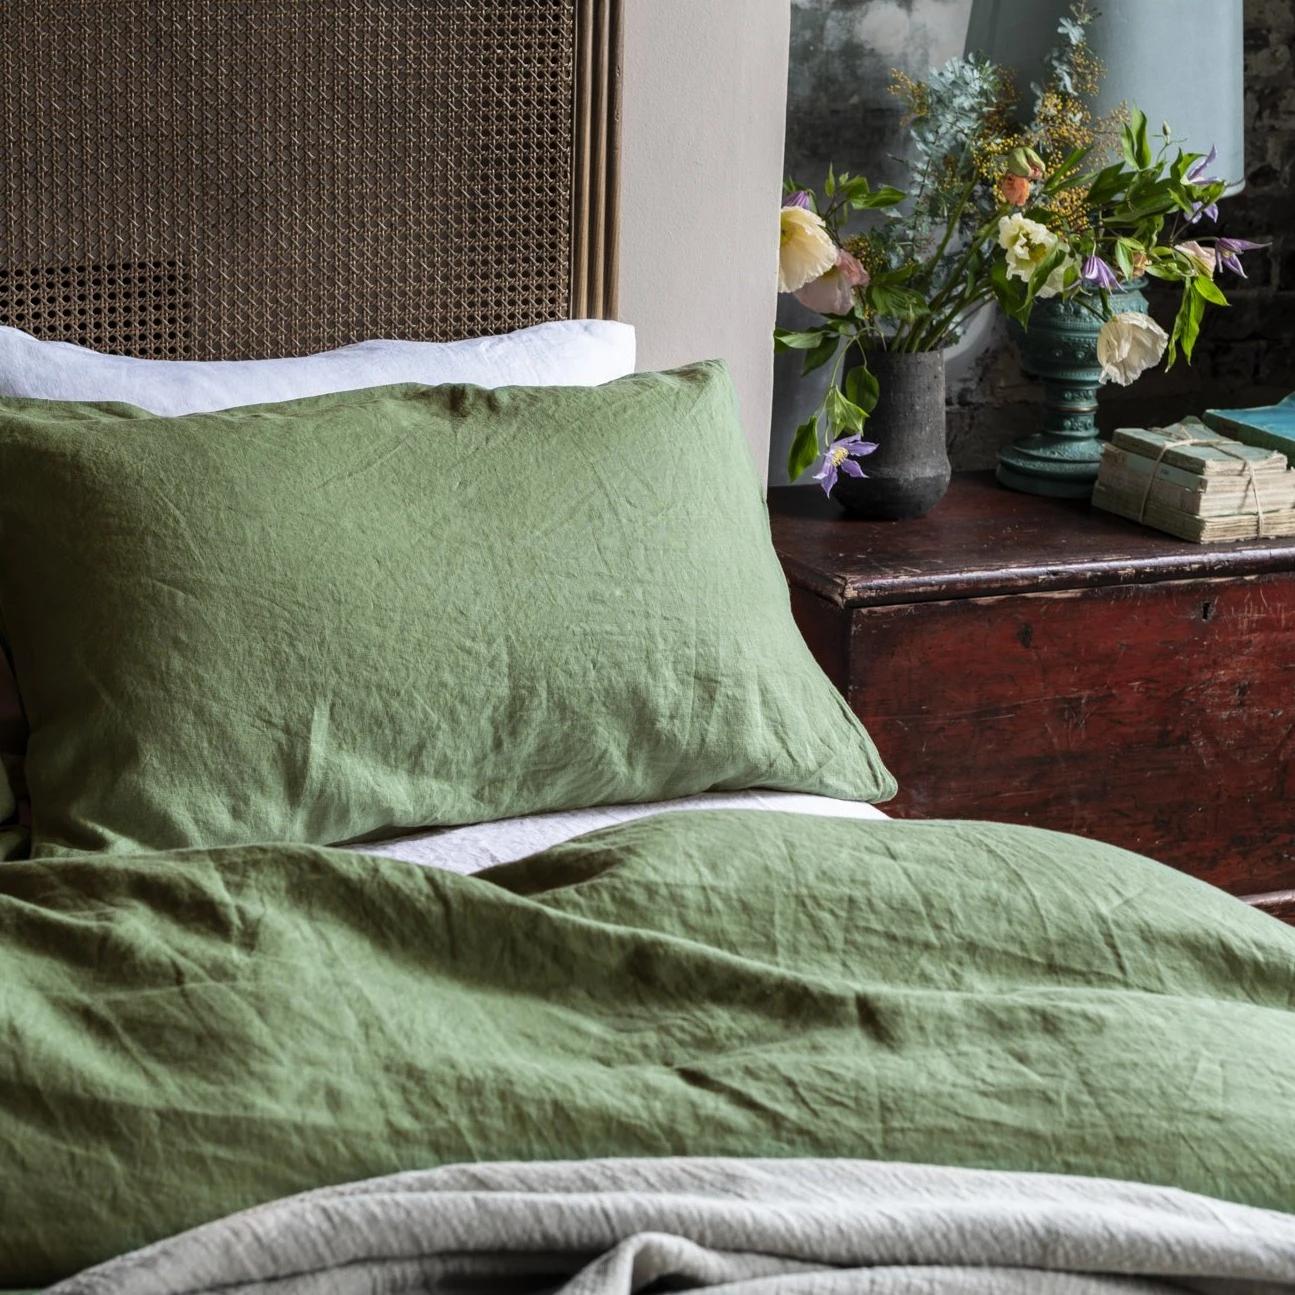 green linen sheets